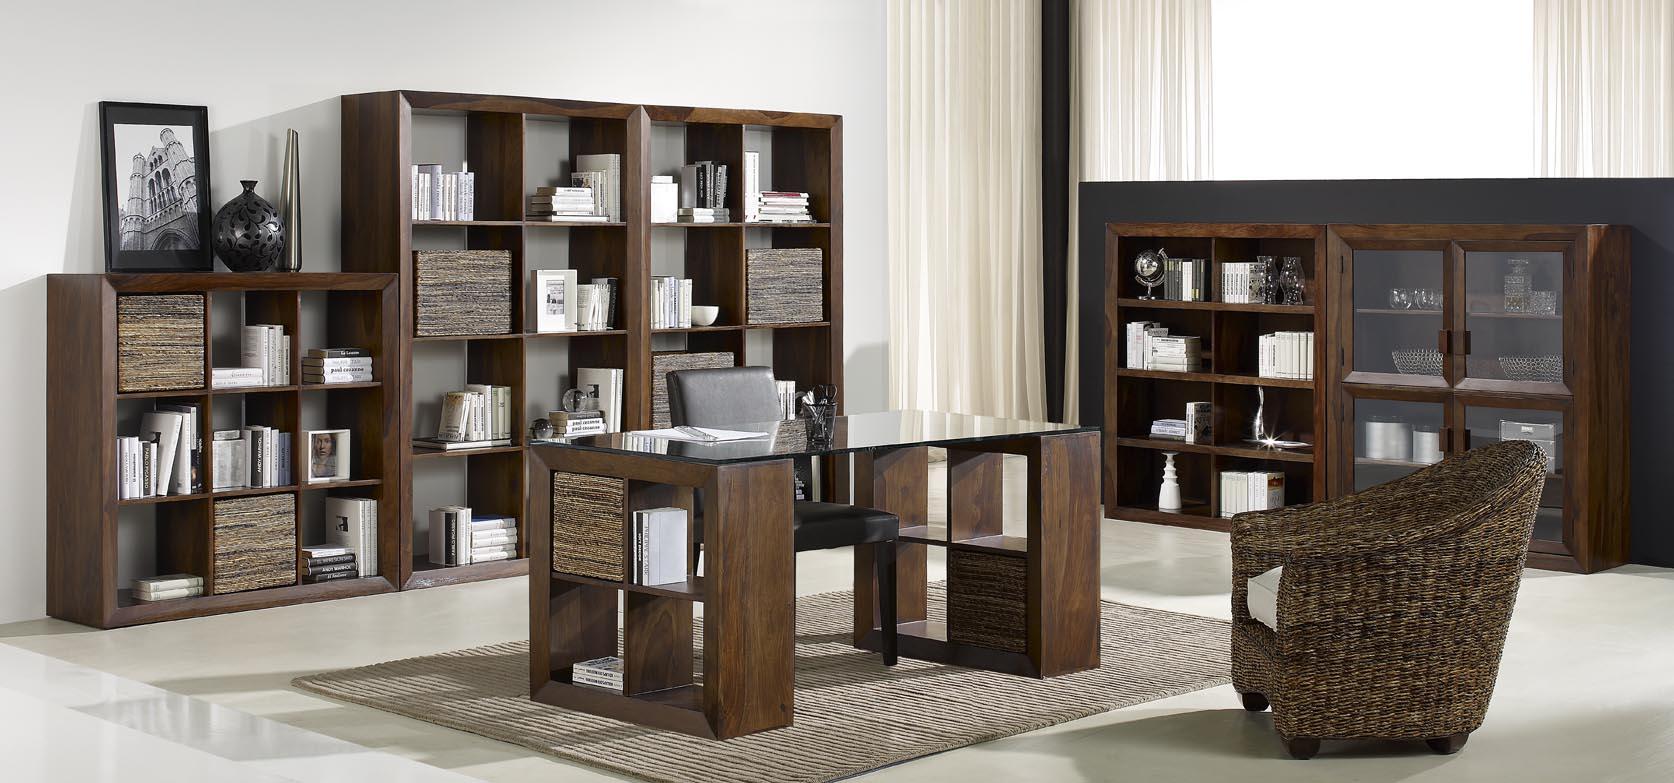 Salones y comedores estilo colonial muebles andaluc a for Muebles de salon estilo colonial